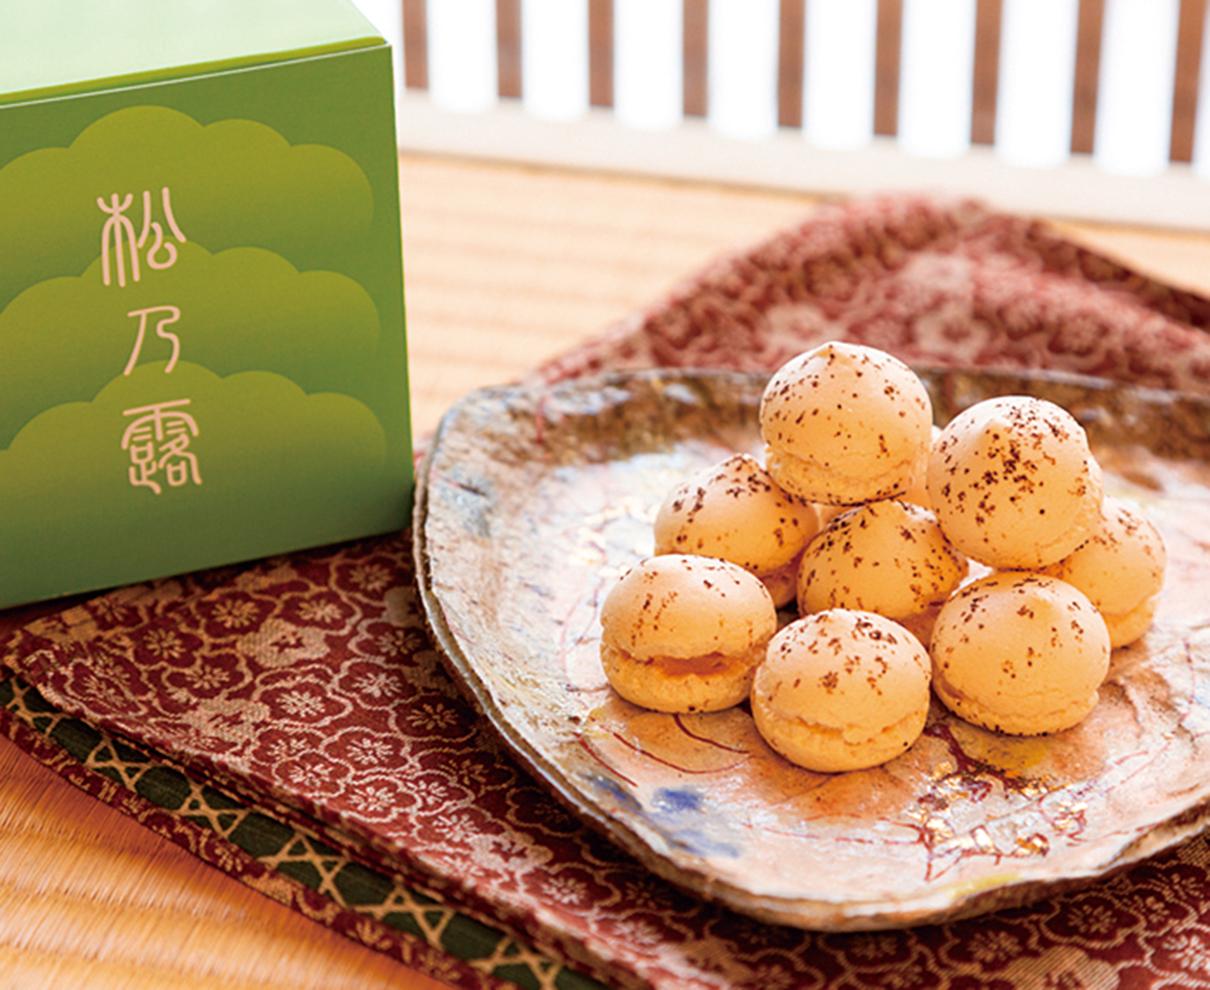 今日のおやつは、御菓子司 浅野耕月堂の松乃露 ♪